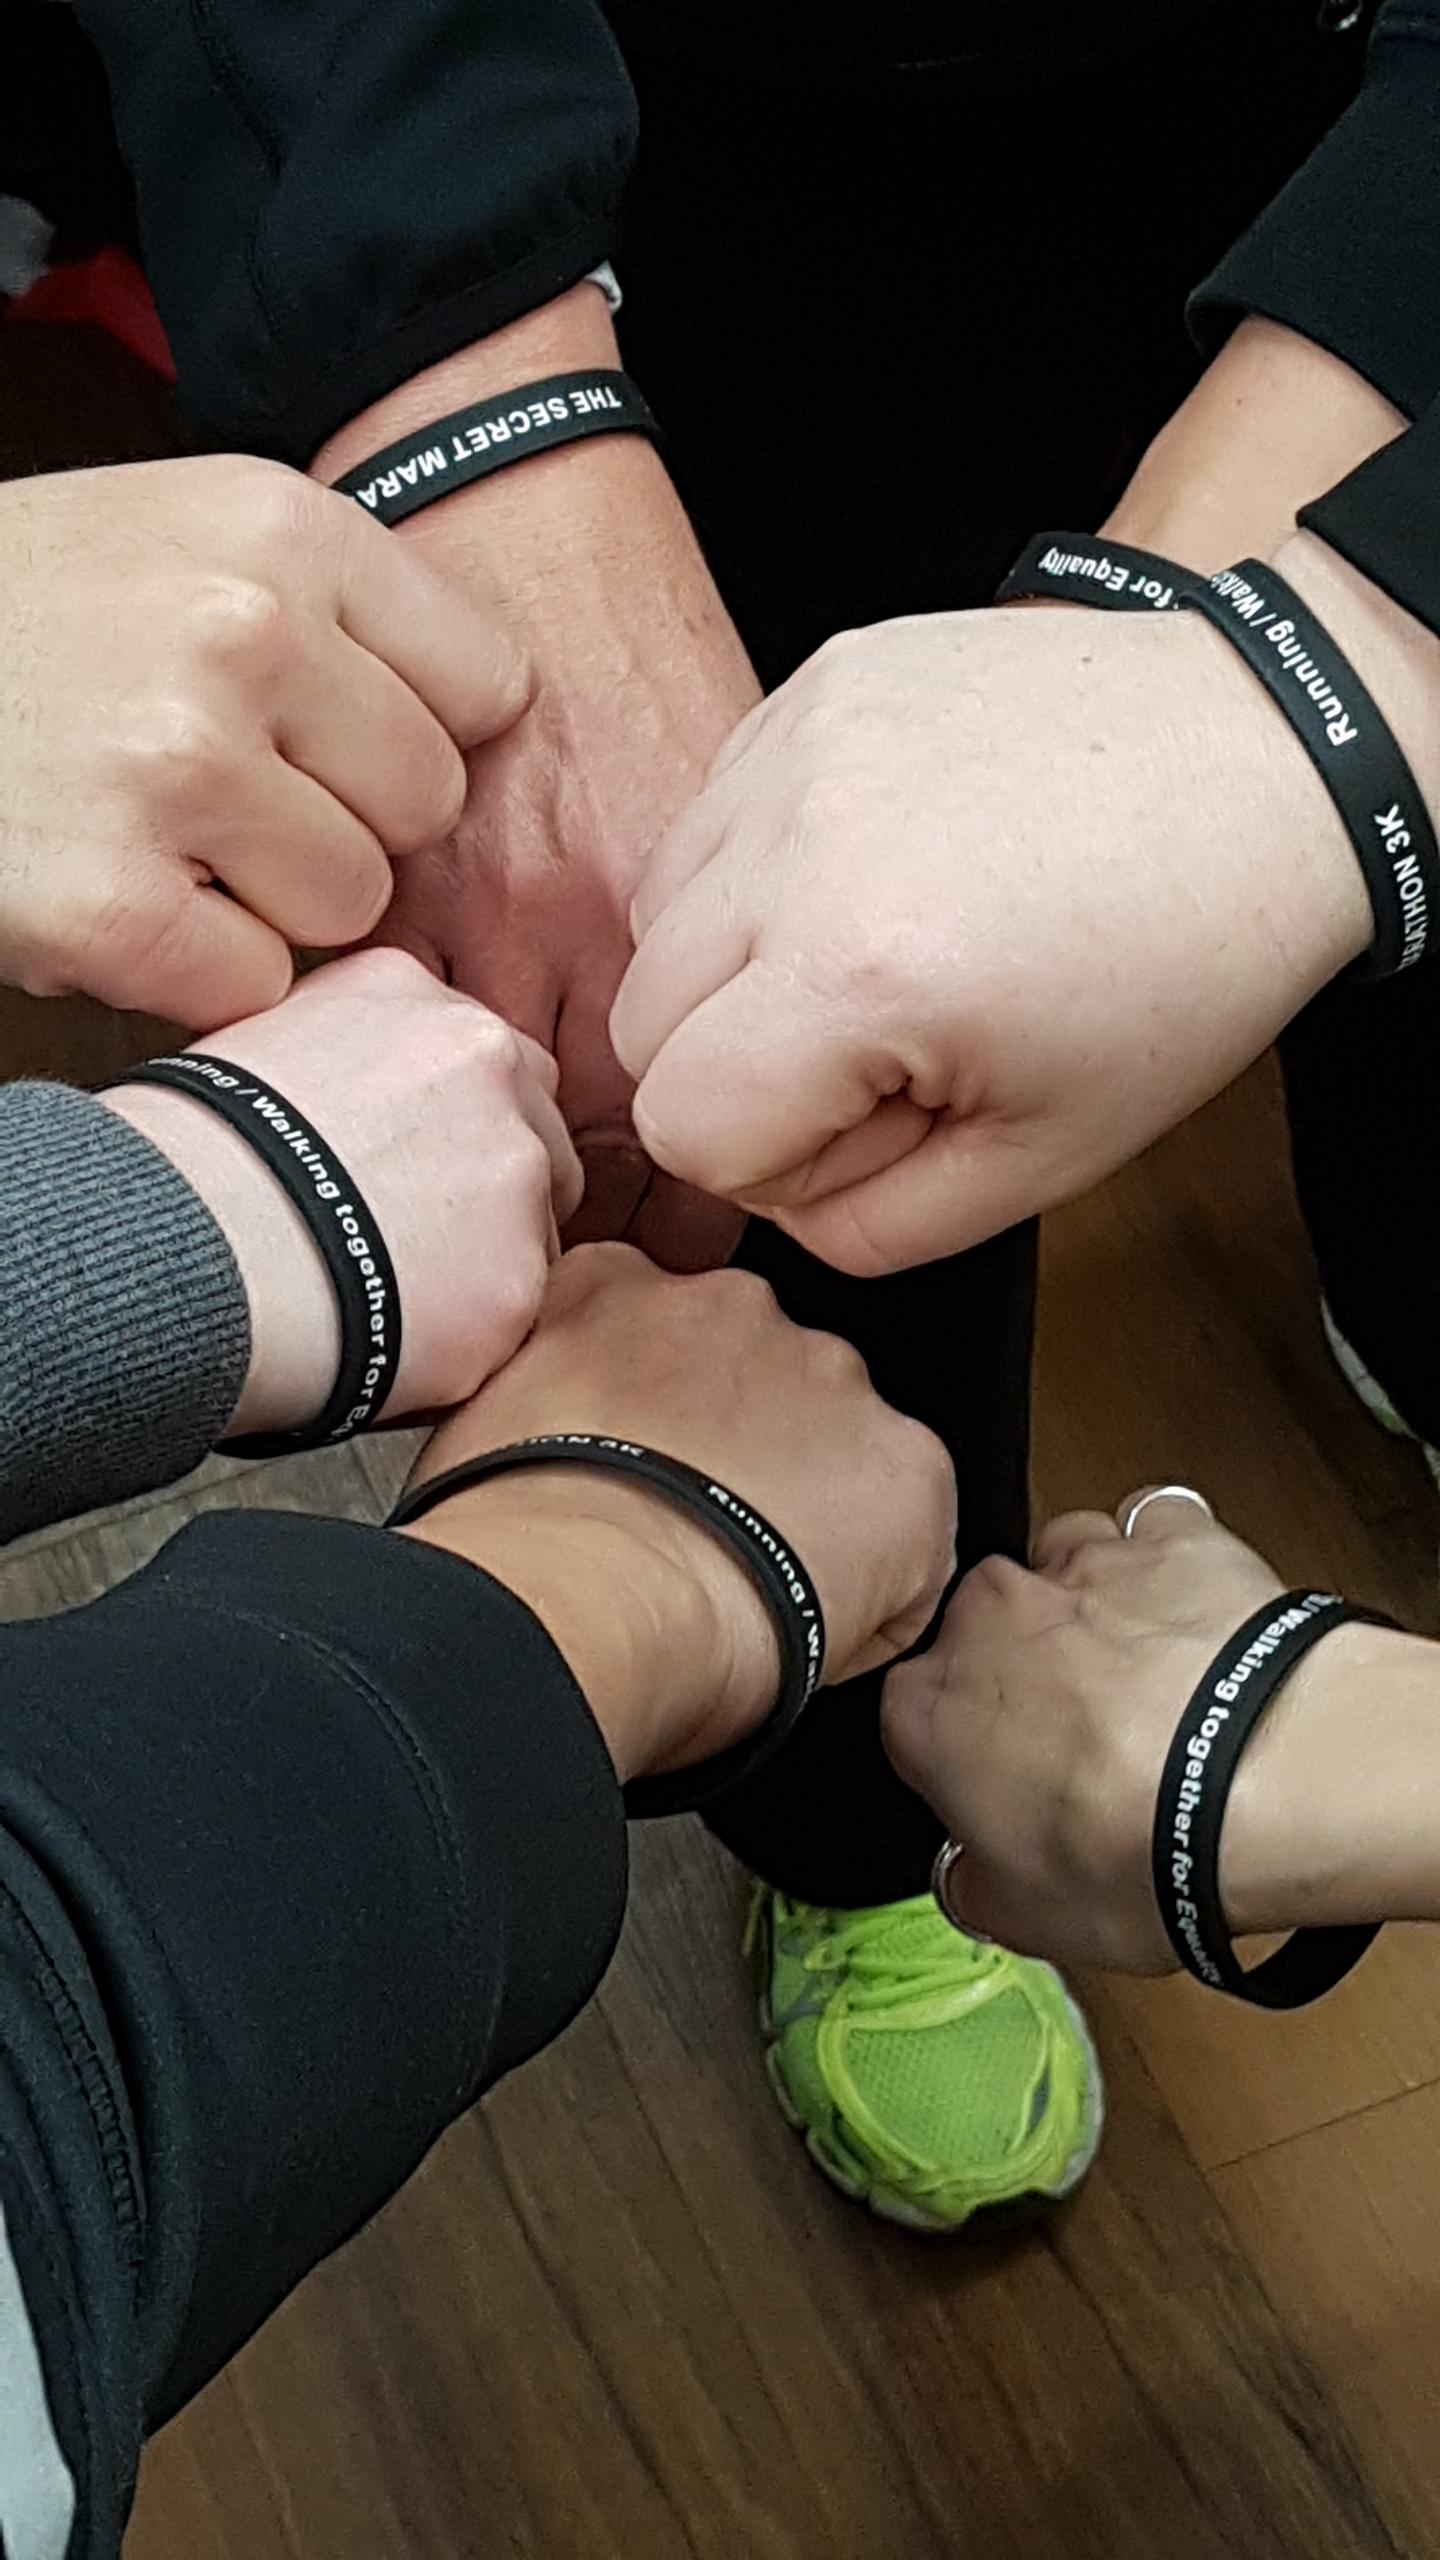 TSM3K_Wristbands.JPG